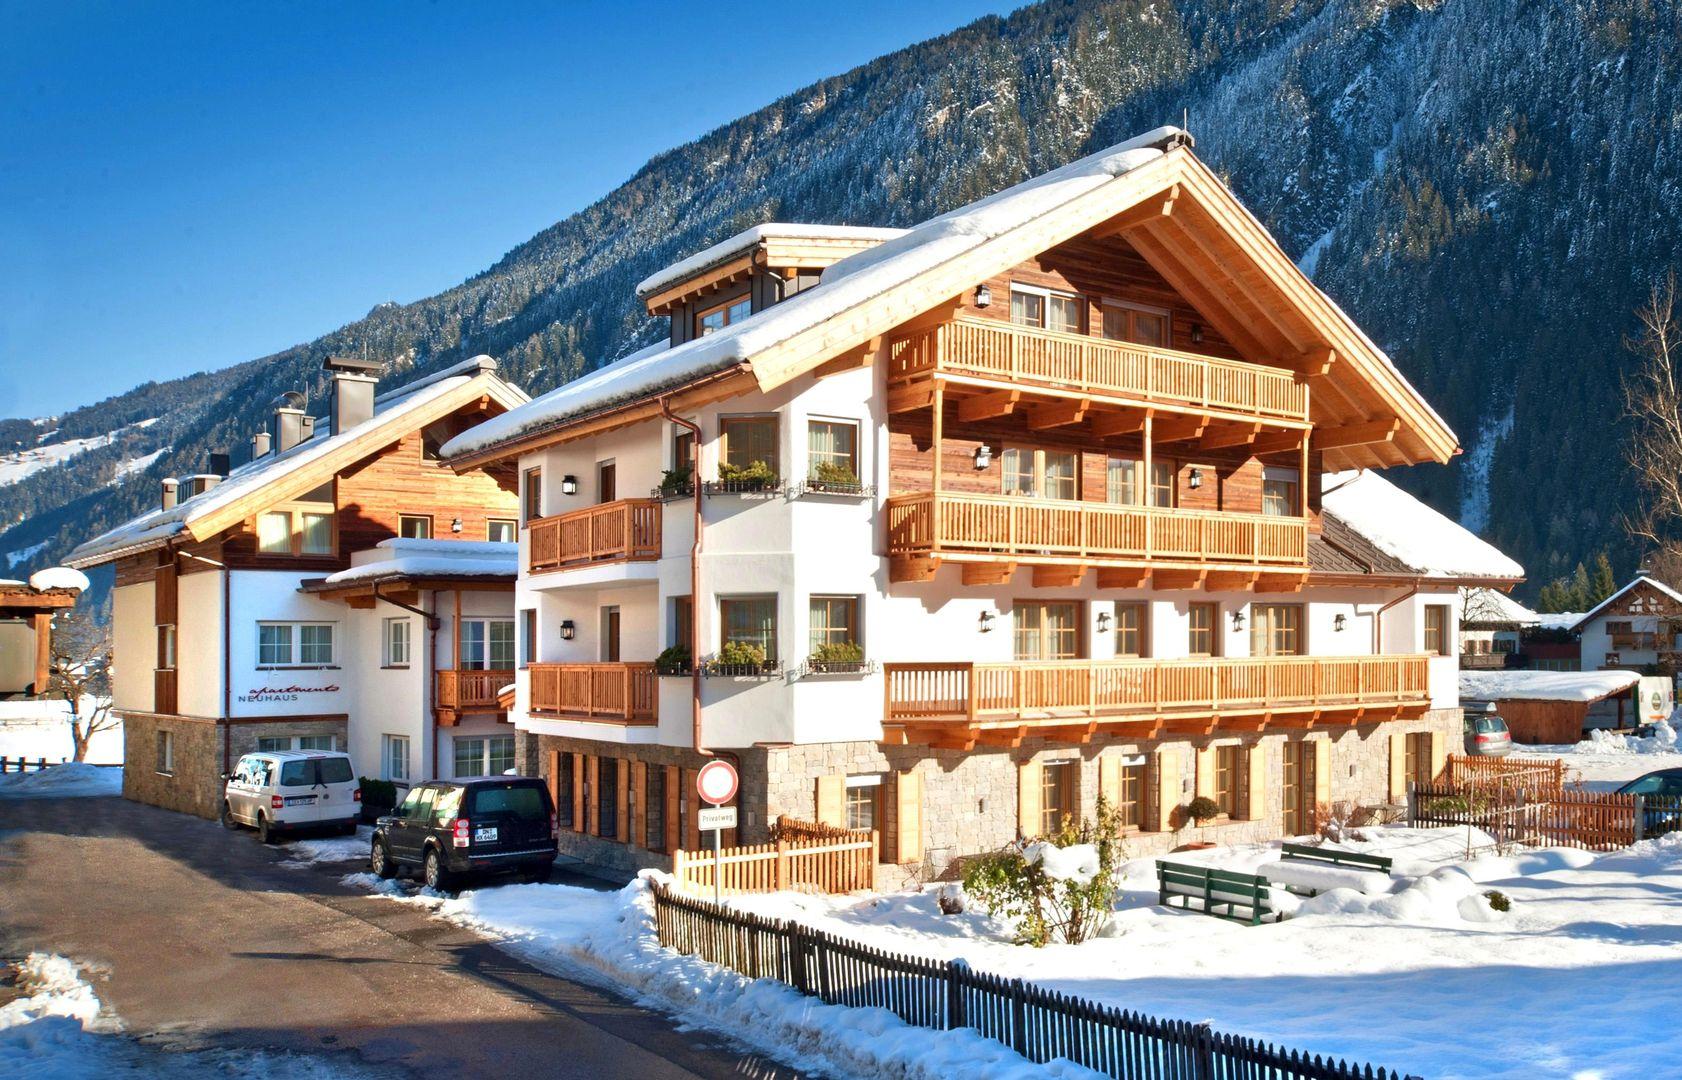 Oostenrijk - Hotel Appartementen Neuhaus